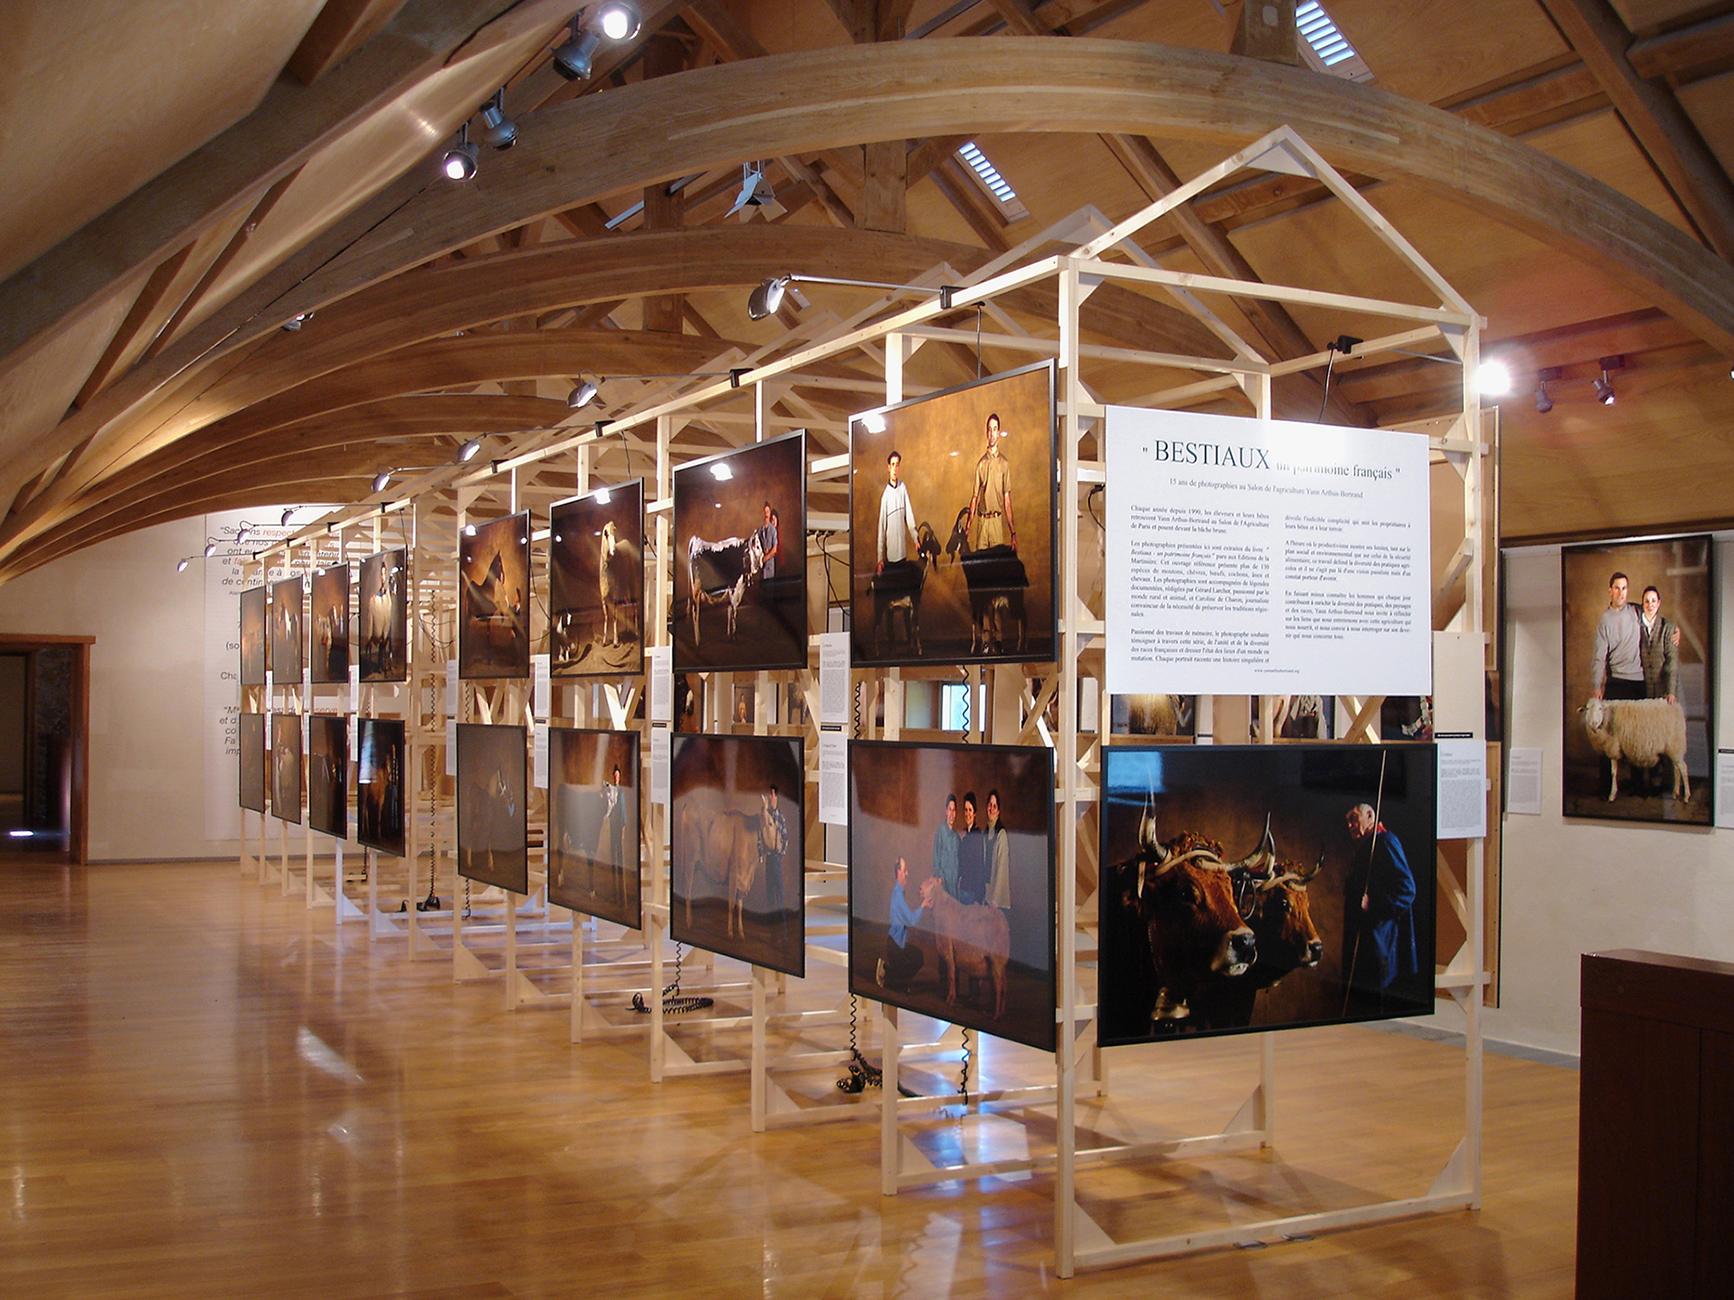 EXPOSITION YANN ARTHUS-BERTRAND Bestiaux Concept / Scénographie / M... 2002